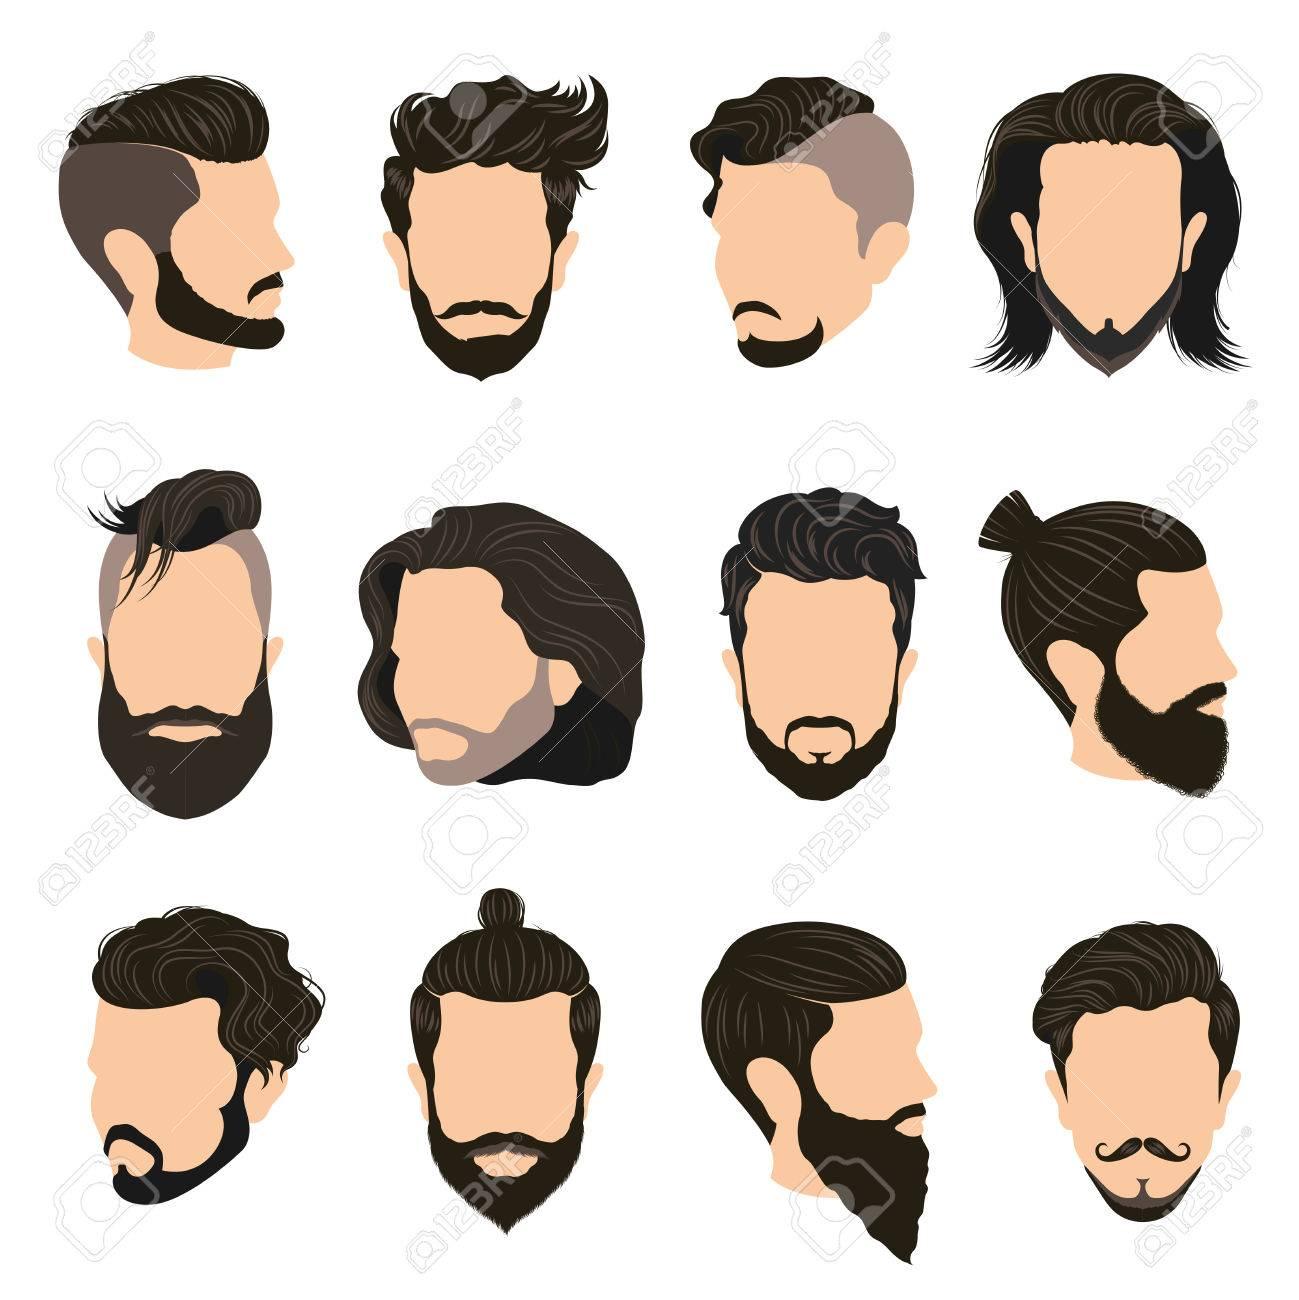 髪型 イラスト 男性